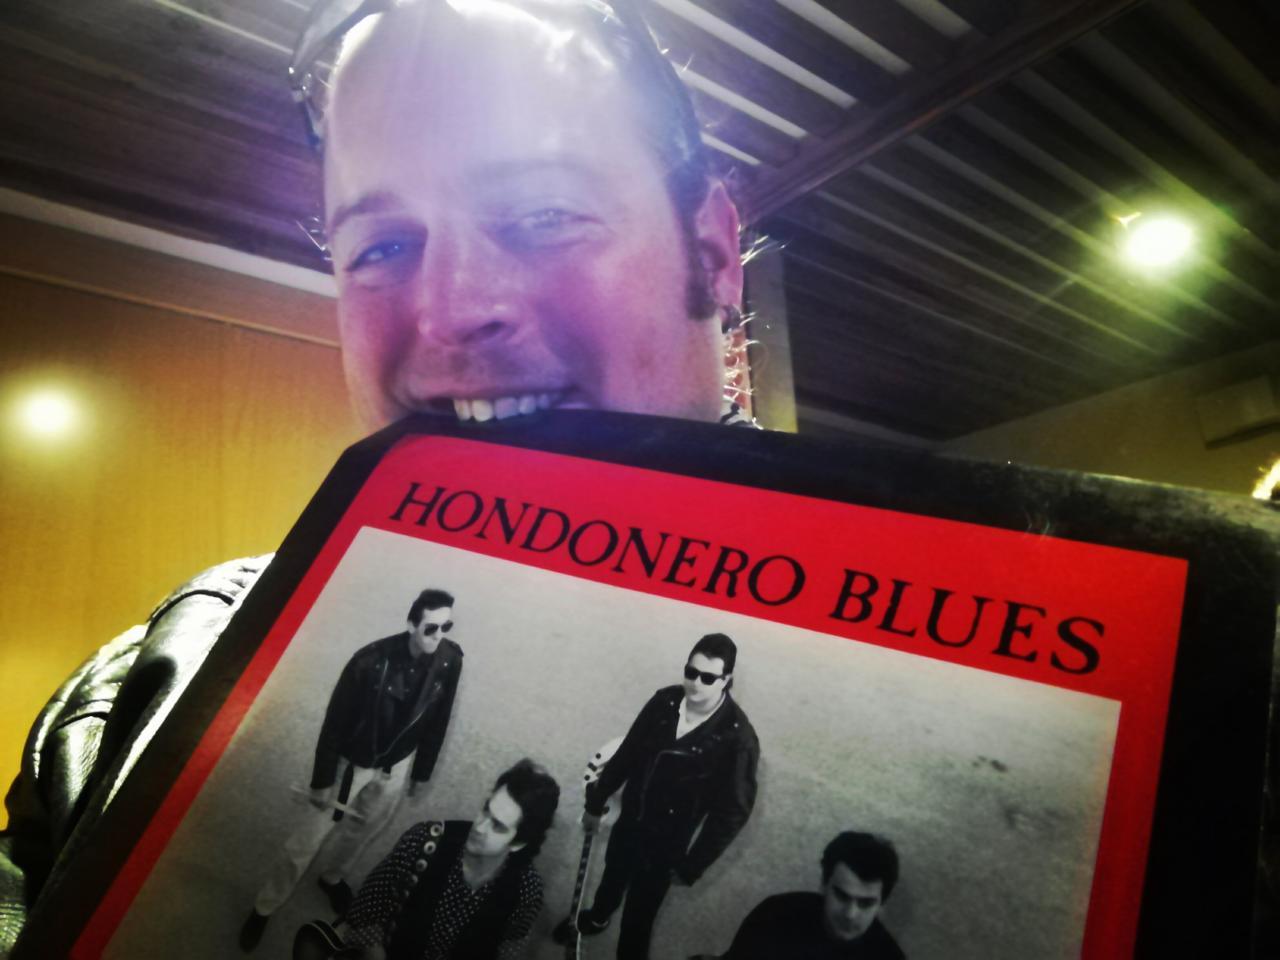 Hondonero Blues - 1992 - Tensión